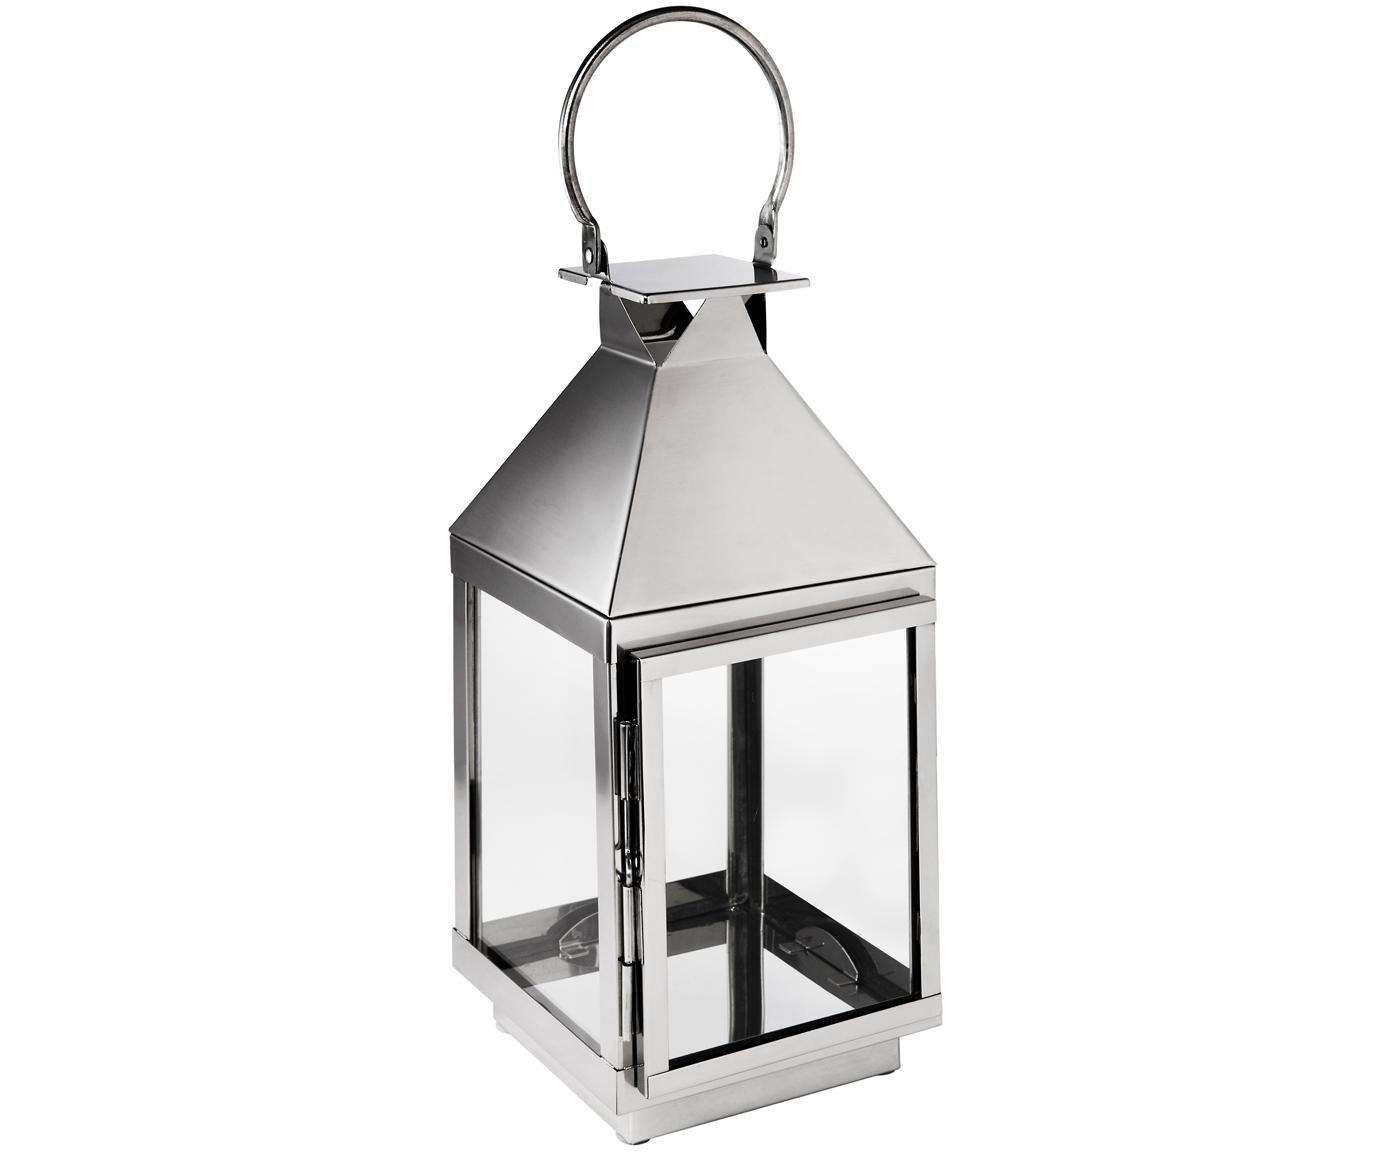 Lanterna Grace, Acciaio inossidabile lucidato a specchio, vetro, Accaio inossidabile, Alt. 38 cm